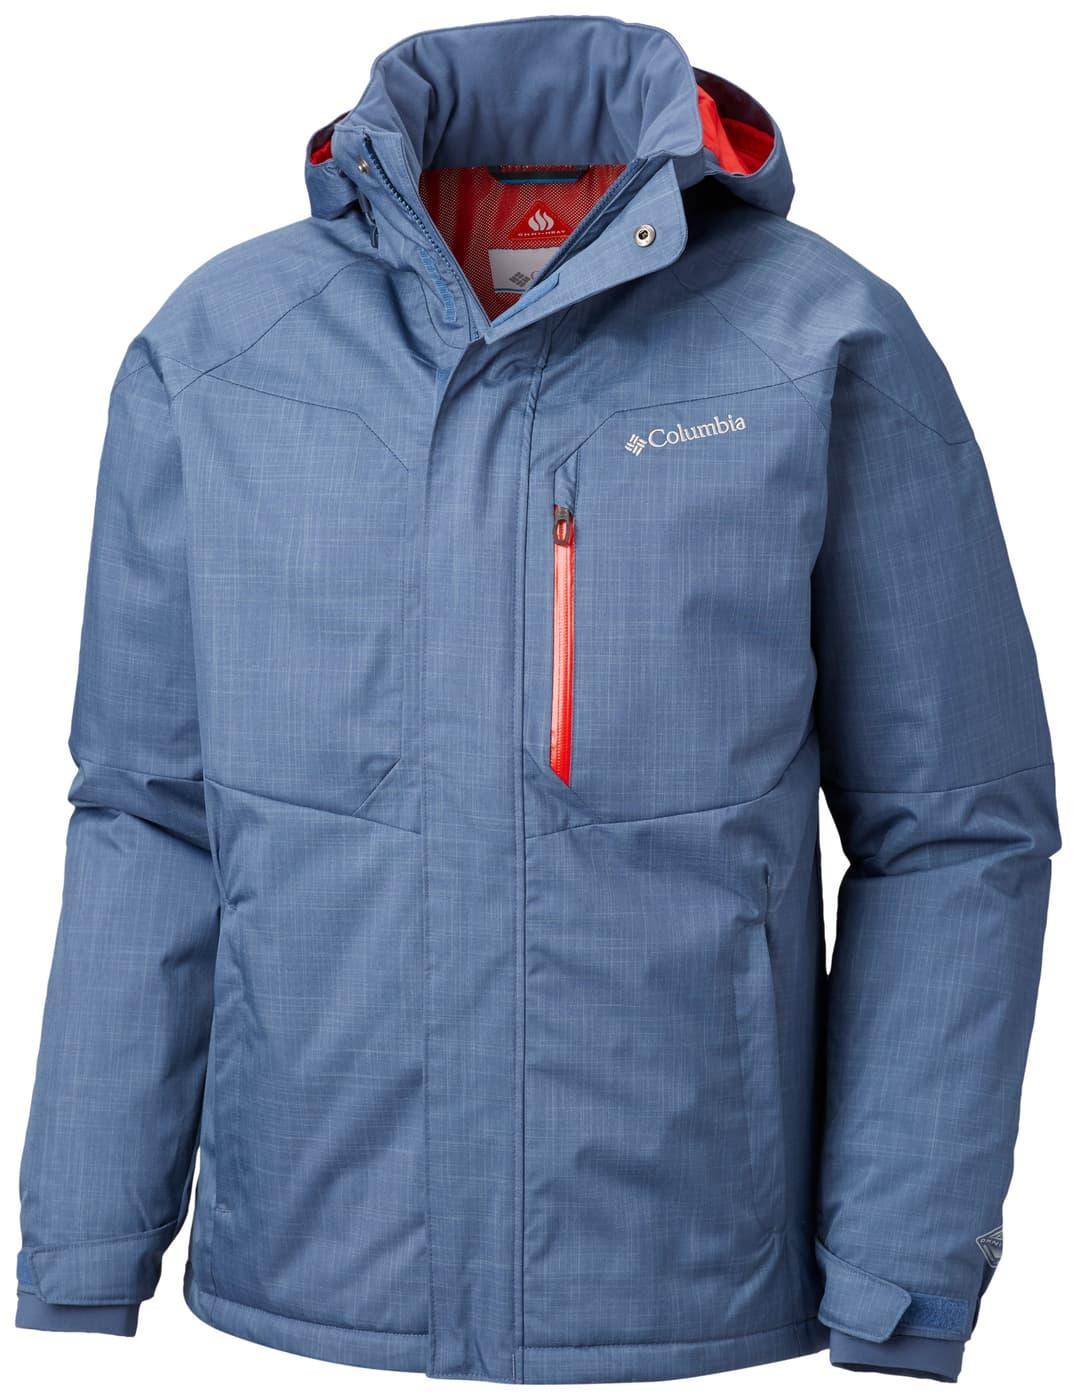 online store 38406 e92a2 Columbia Alpine Action Giacca da sci da uomo